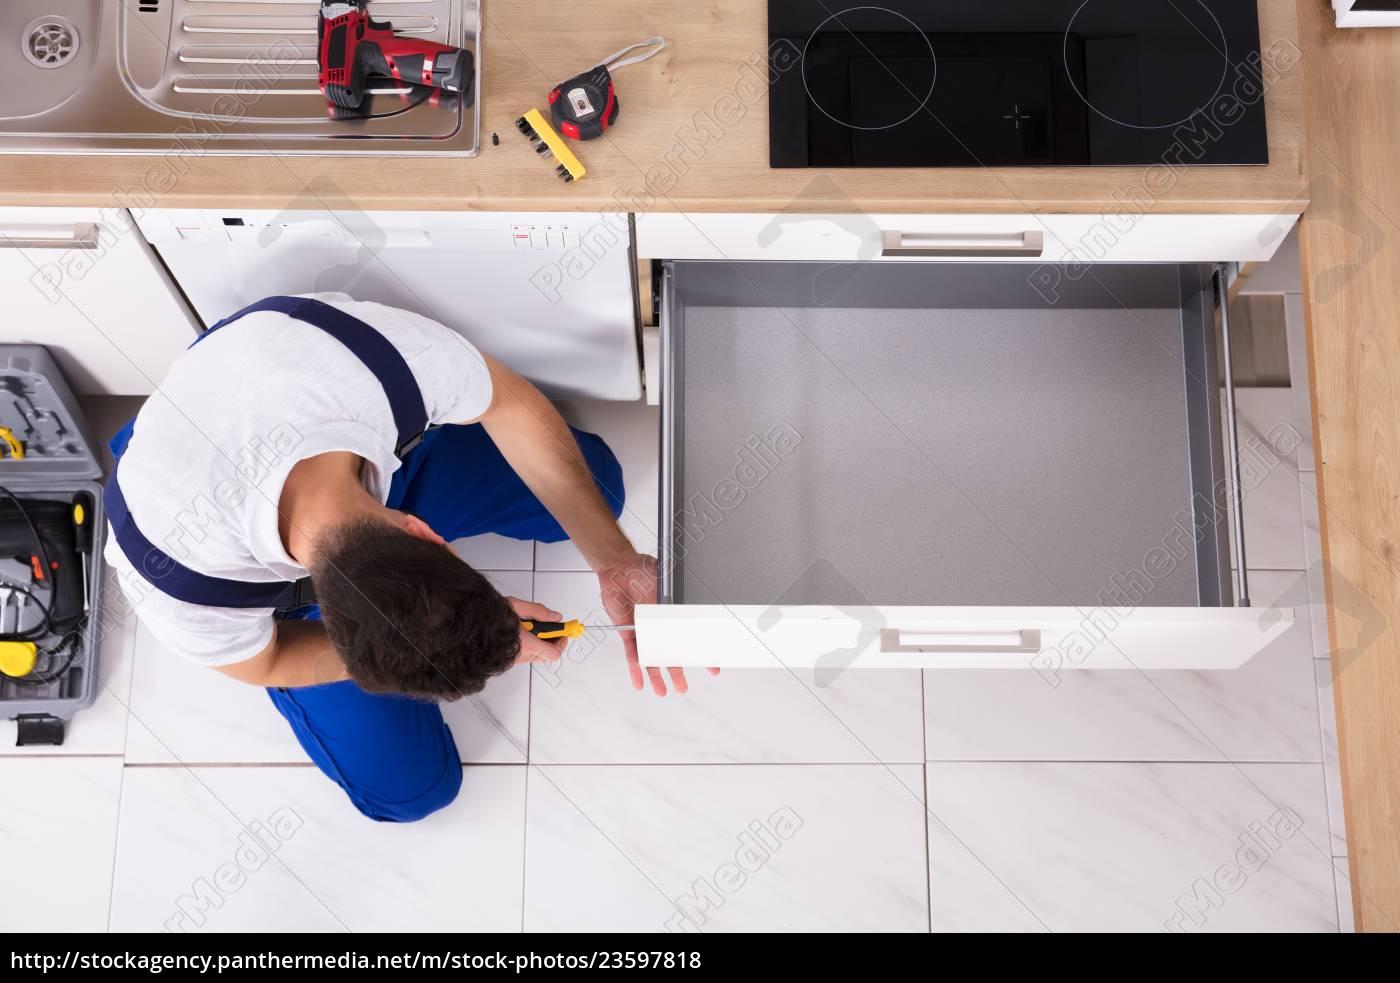 carpenter, fixing, drawer, in, kitchen - 23597818